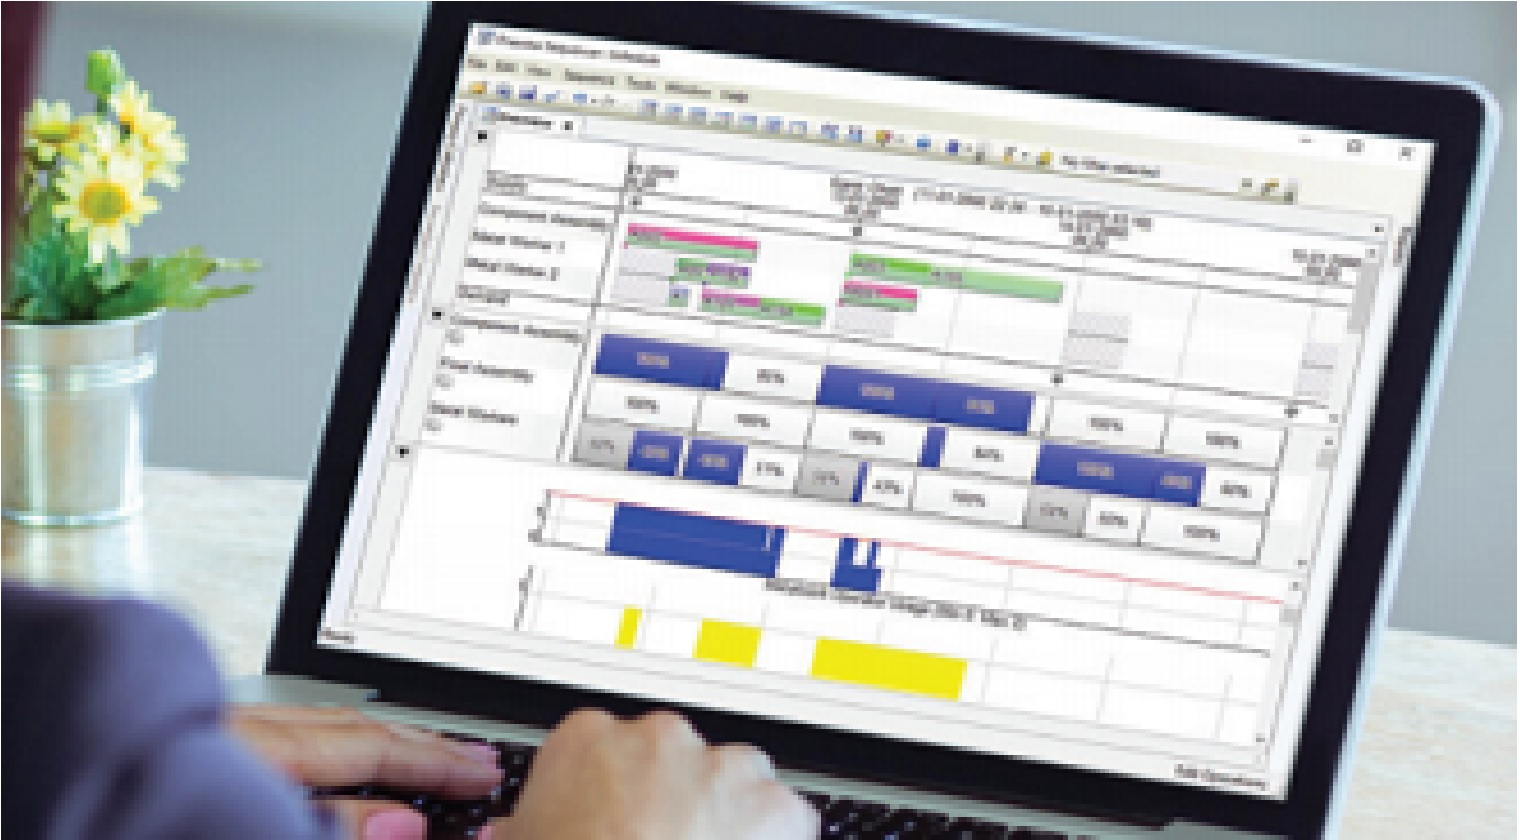 APS (Advanced Planning and Scheduling) решение от продуктовото портфолио на Siemens PLM